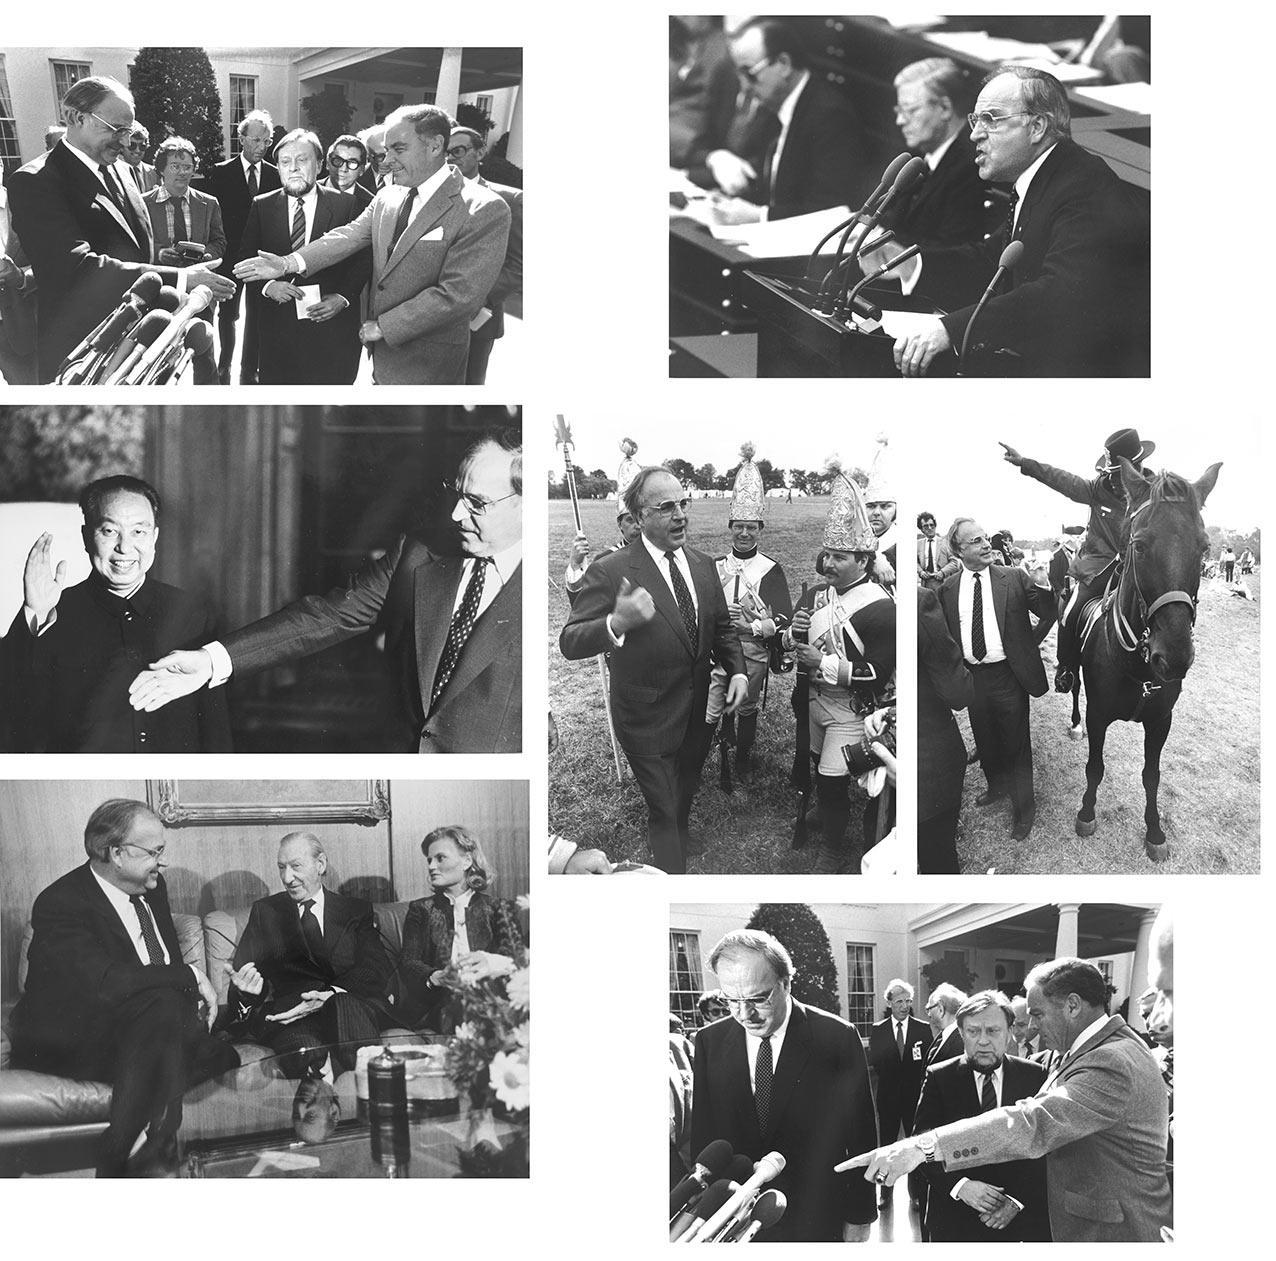 Helmut Kohl in den USA: Besuch bei Aussenminister Alexander Haig (2 Fotos) / mit Hannelore Kohl bei Kurt Waldheim im UNO Gebäude / Auf dem Schlachtfe Sprache: Deutsch Gewicht in Gramm: 1600